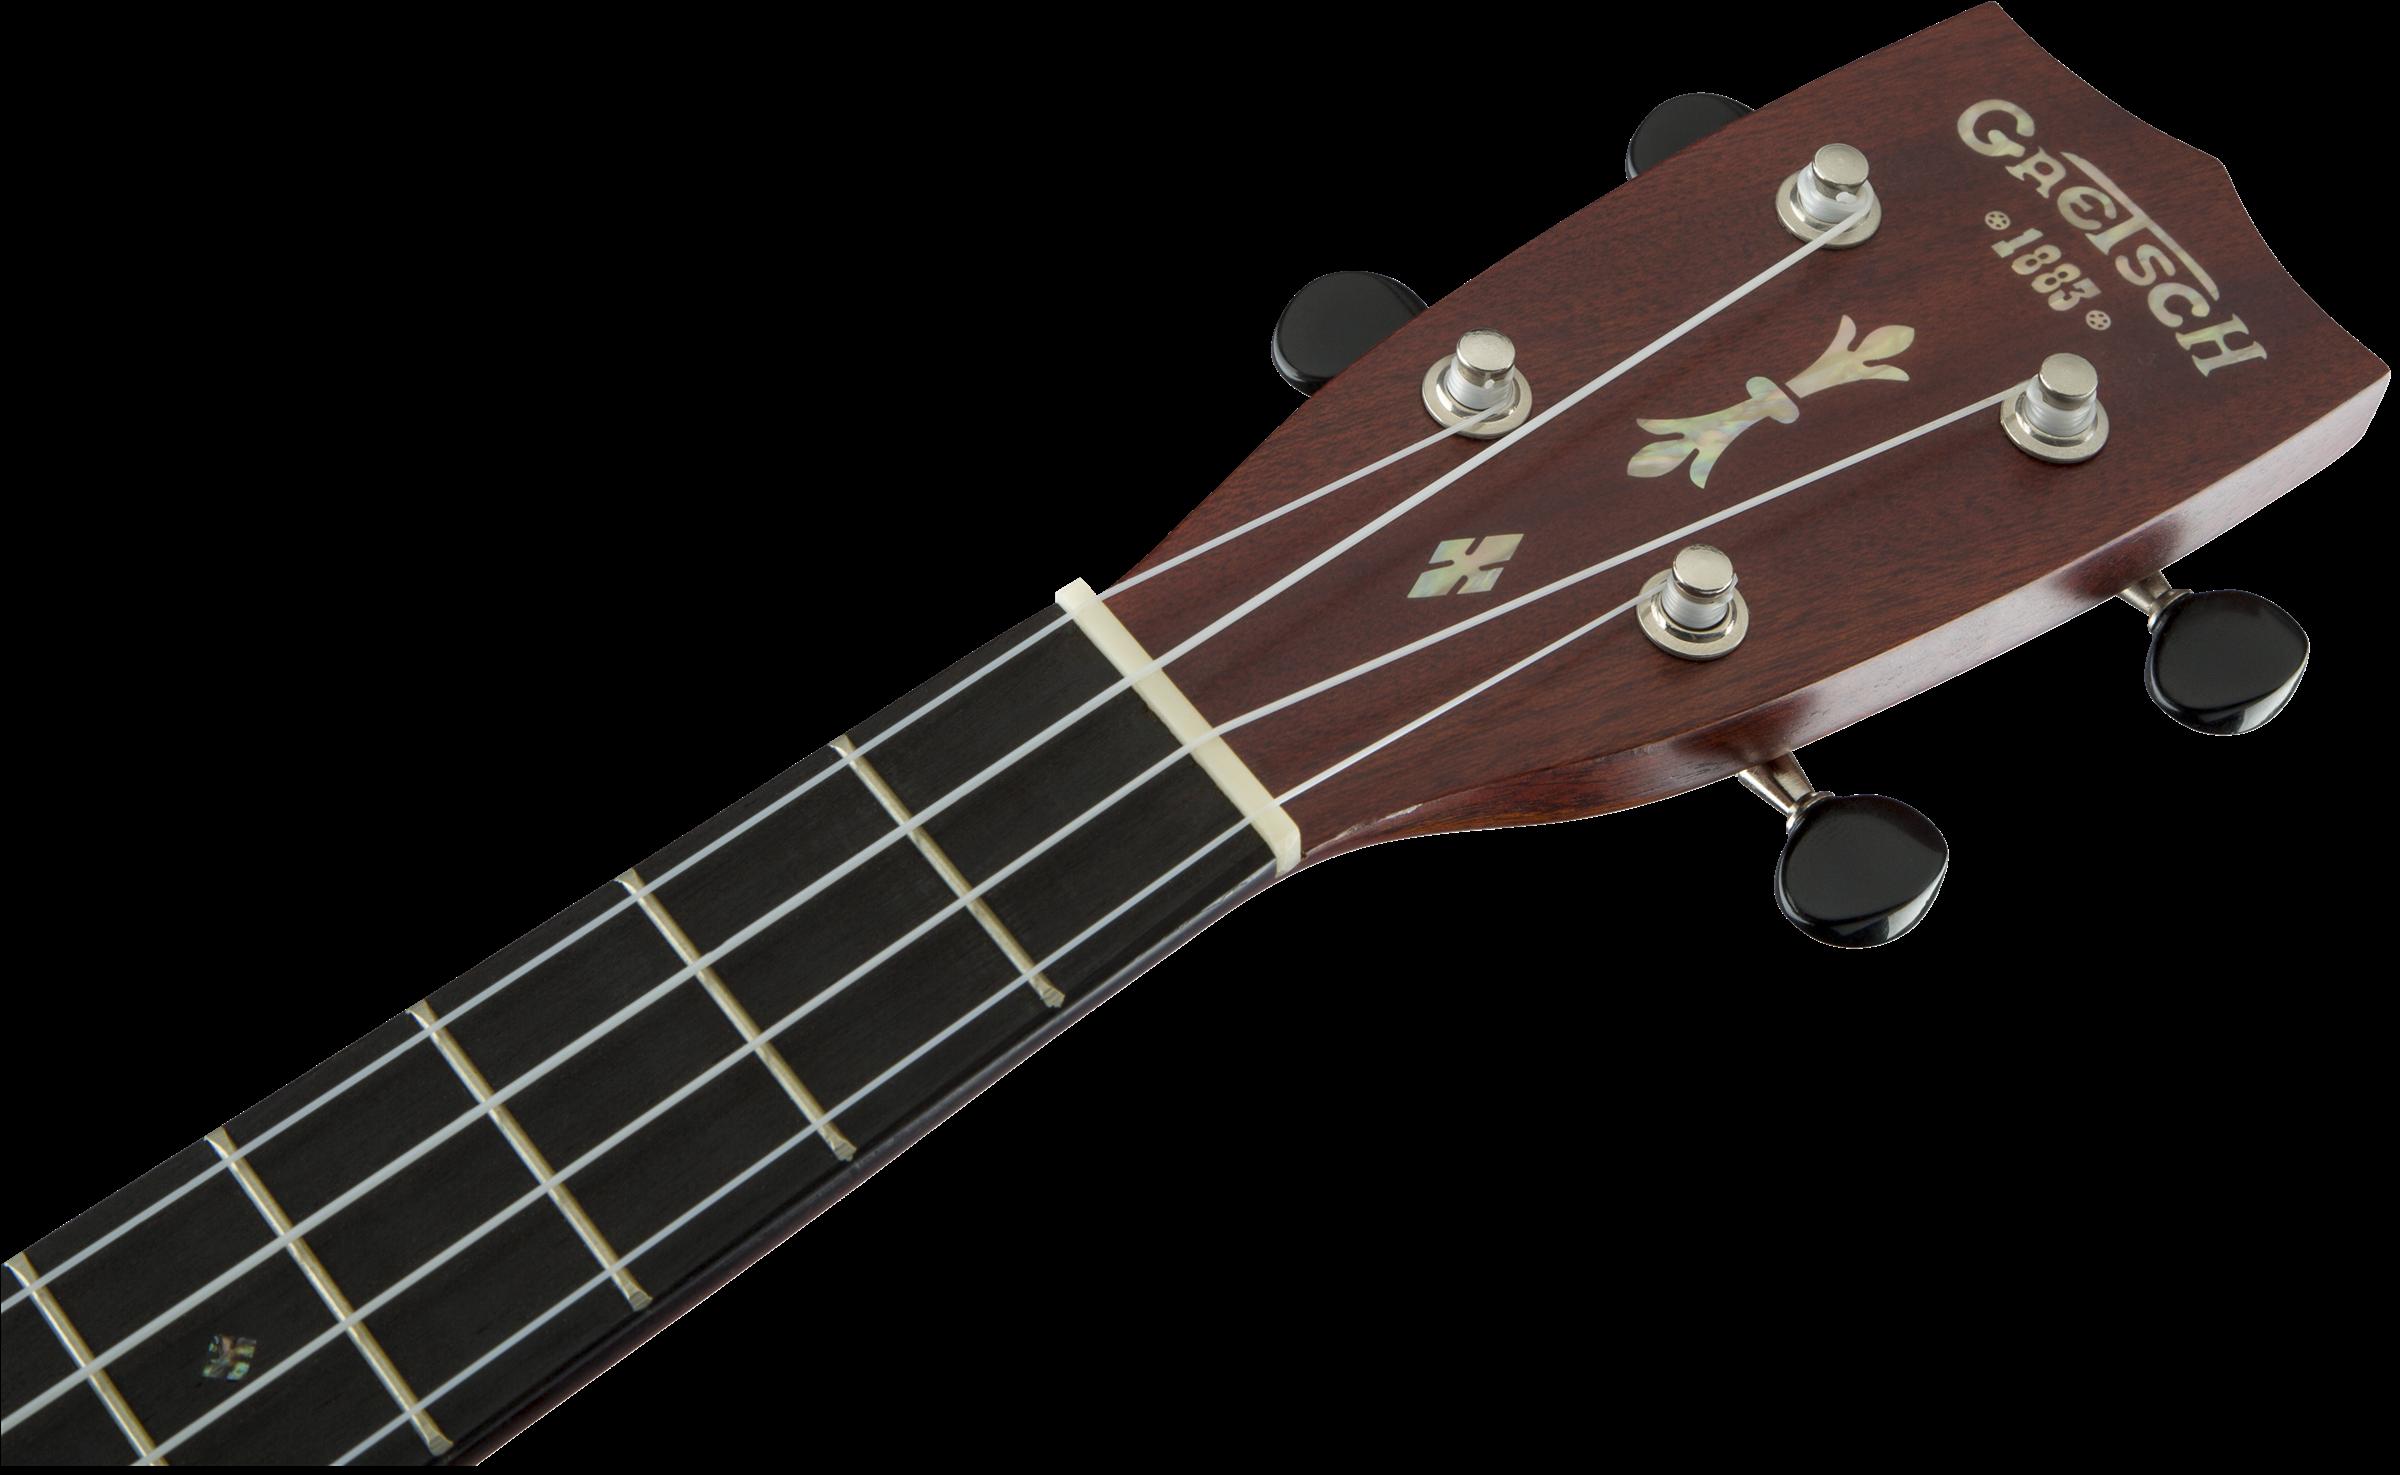 jpg free transparent ukulele acrylic #106916276